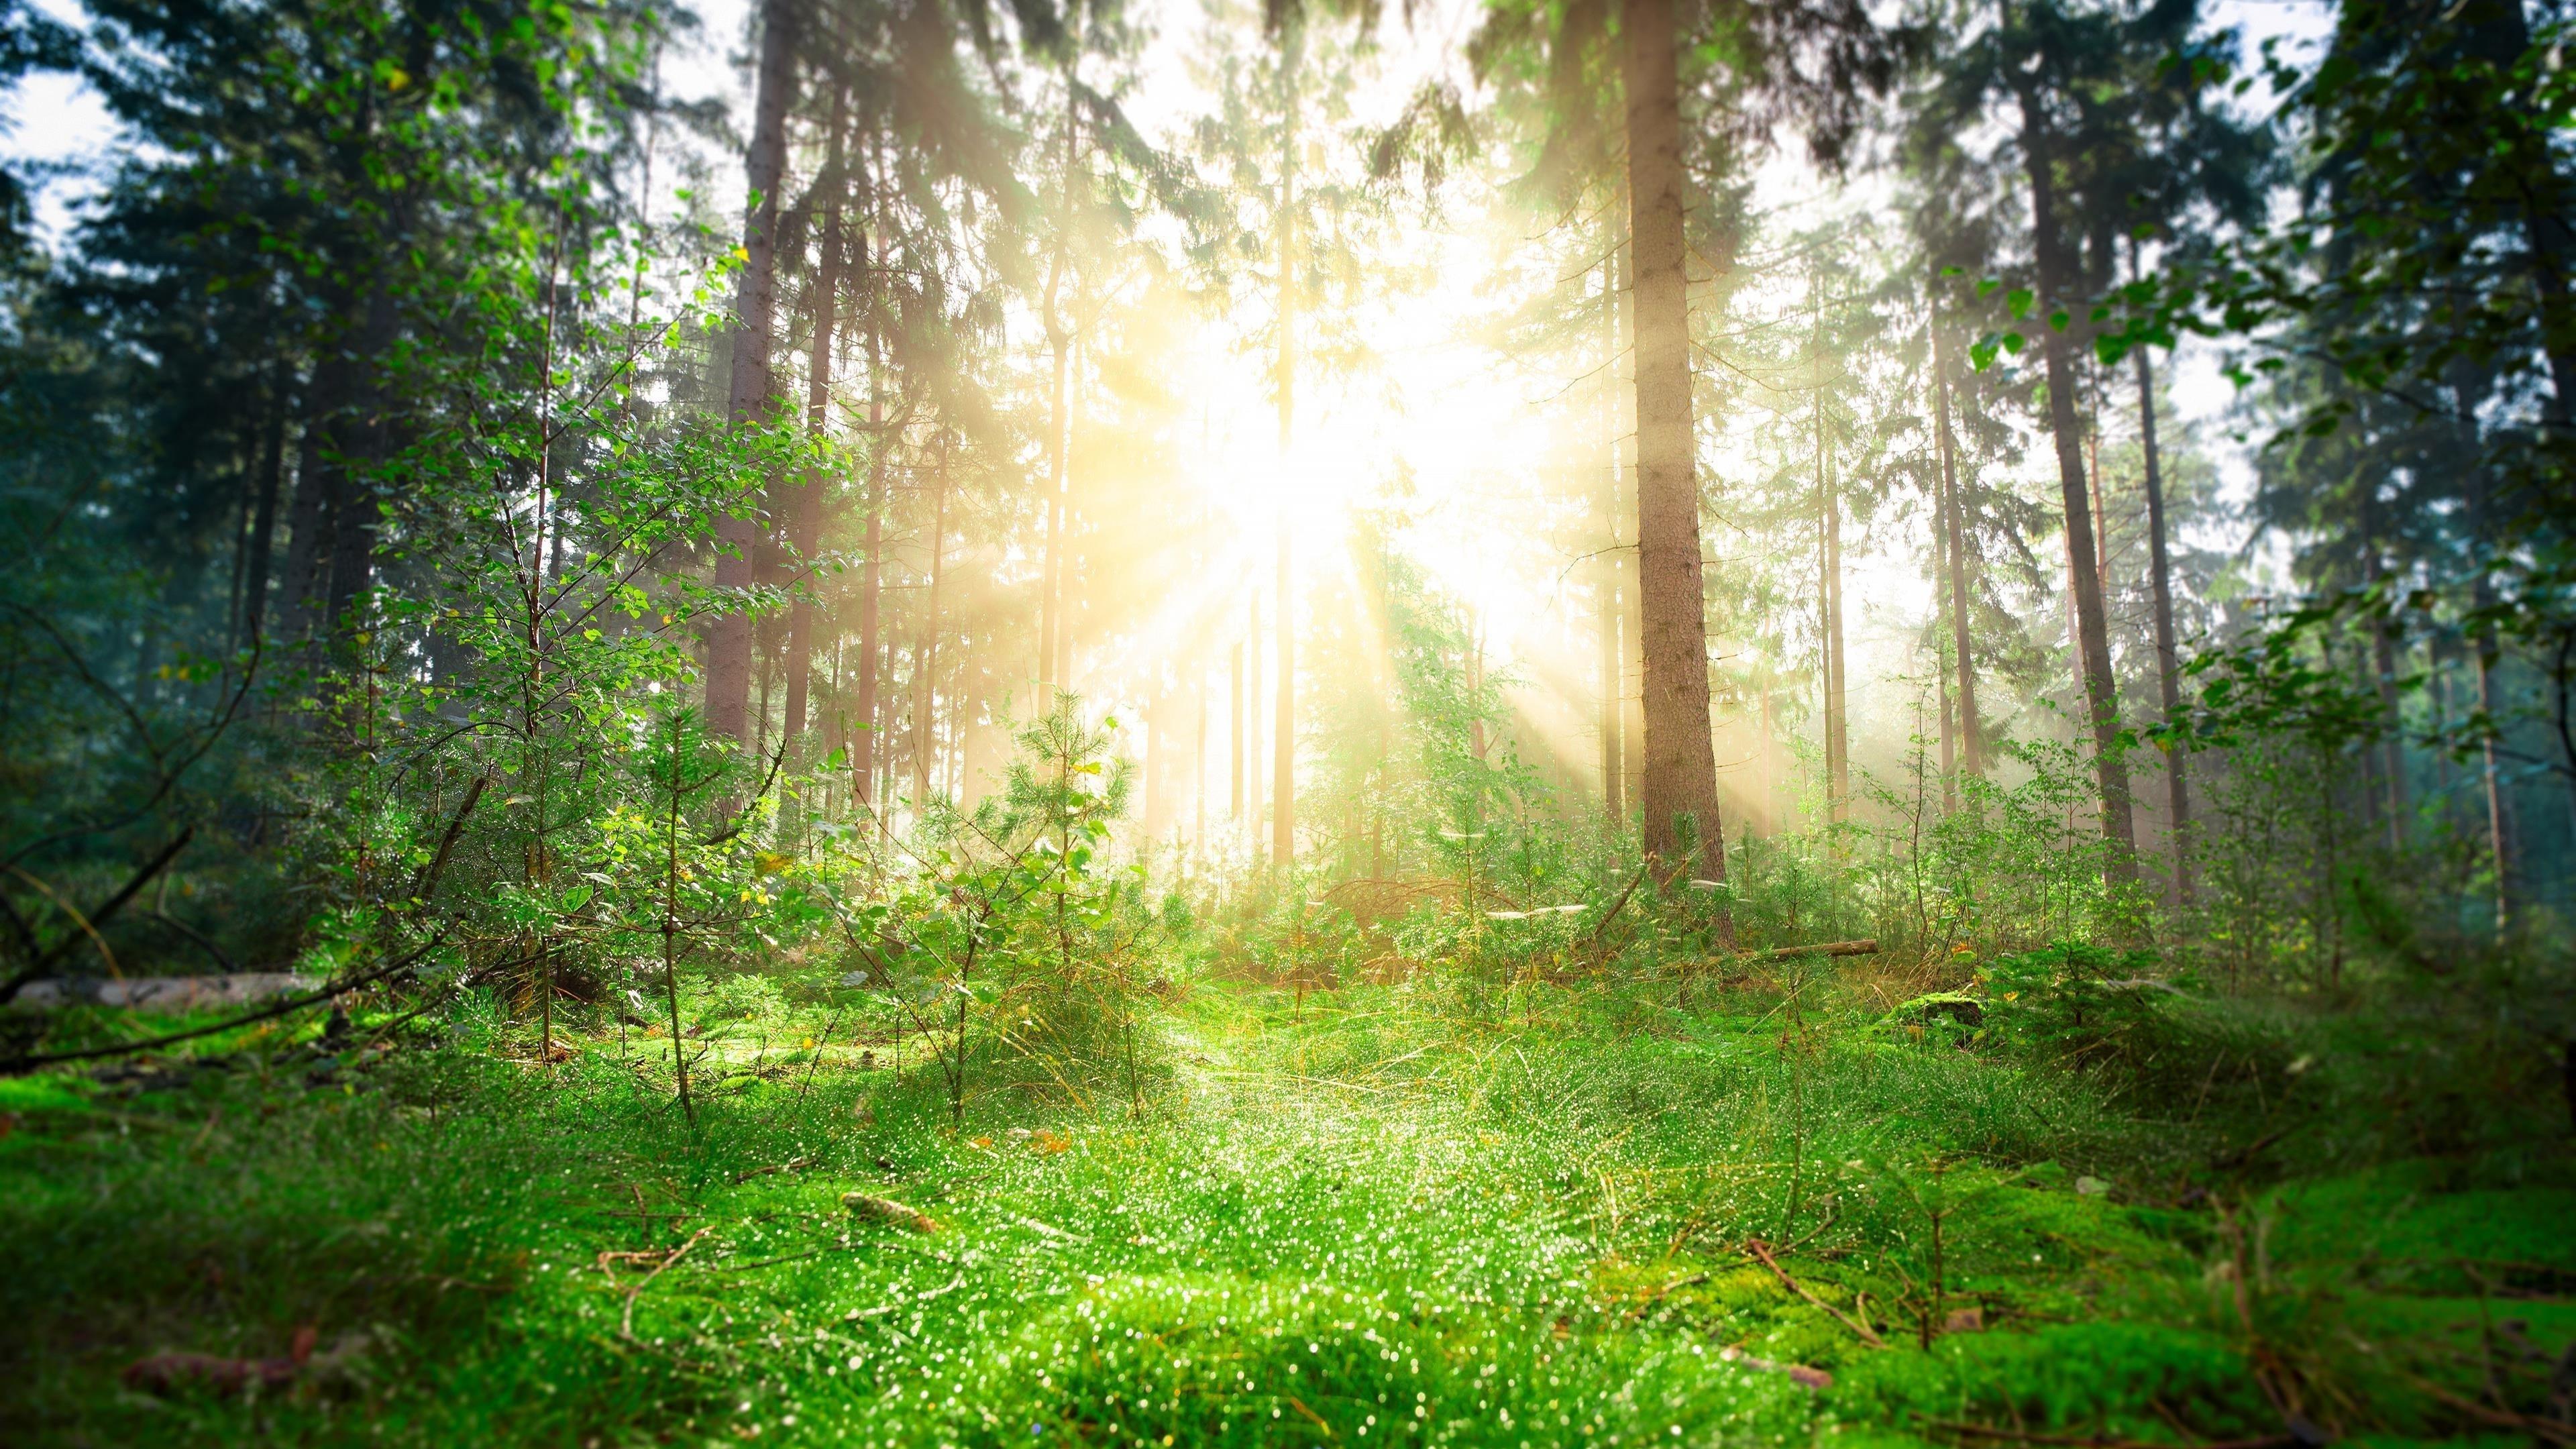 Лесная зелень Сосновый ствол с солнечным лучом природа обои скачать